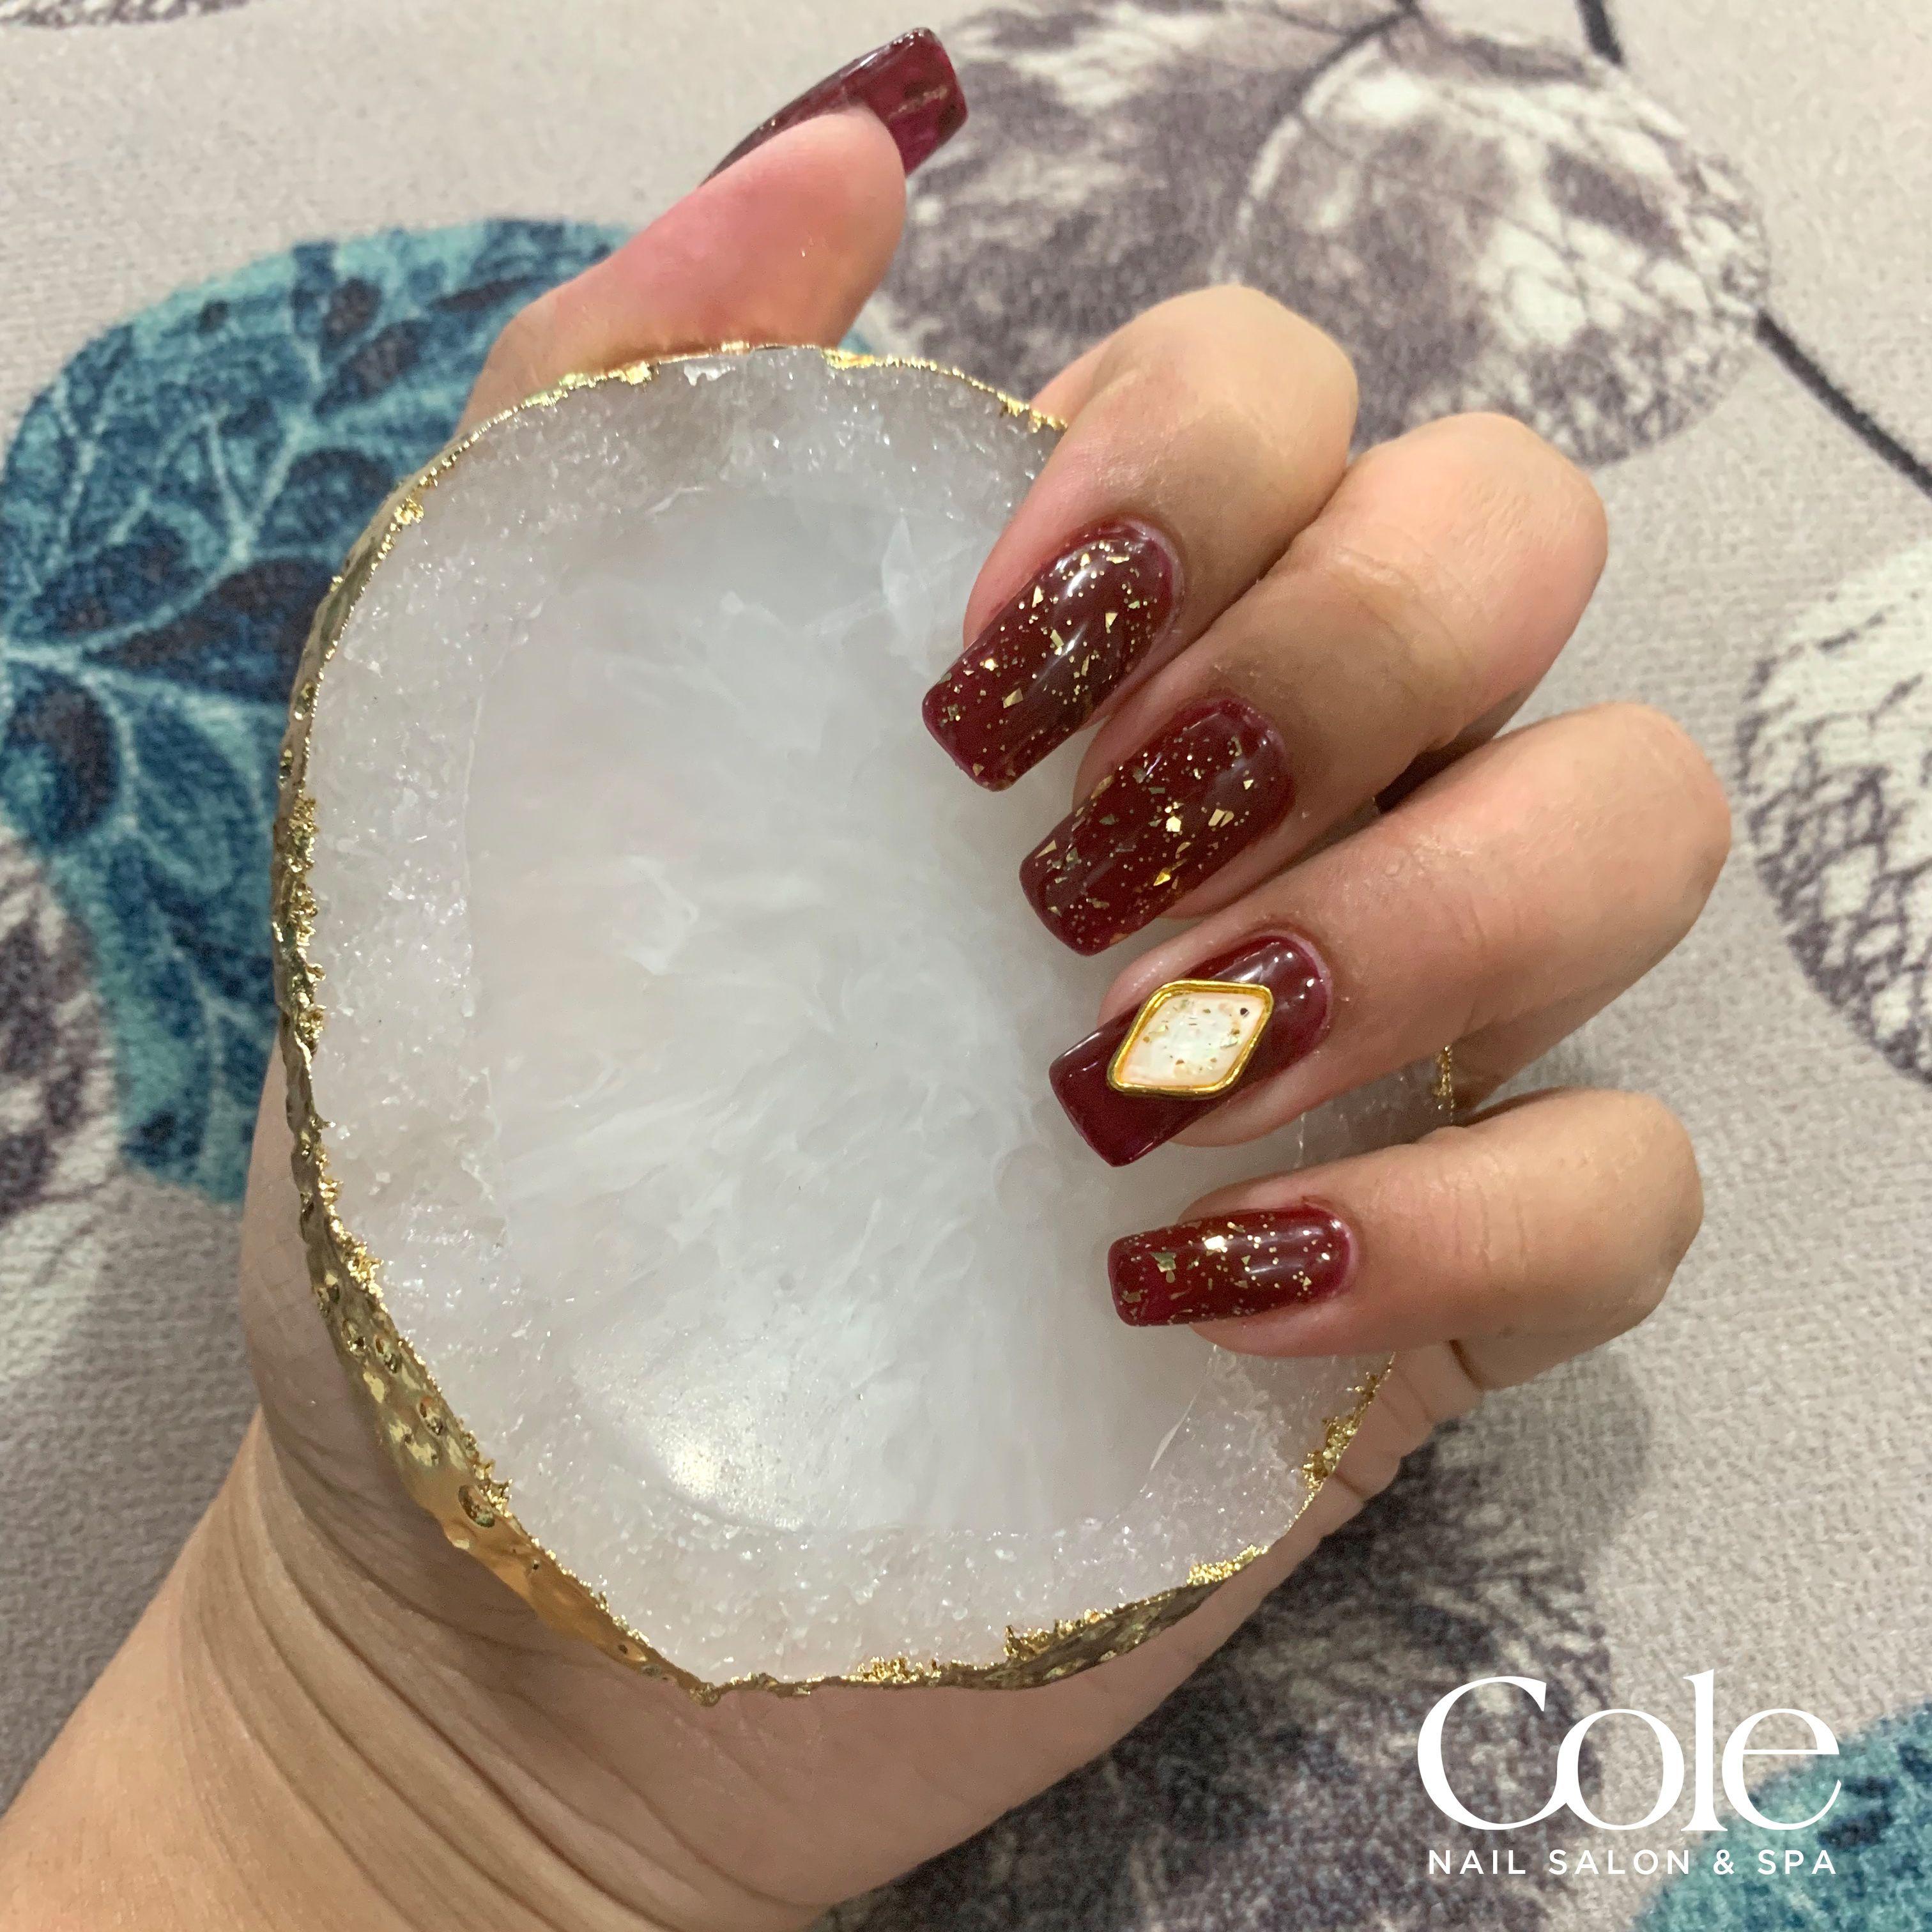 Cole Nail Salon Spa Nail Salon And Spa Nail Extensions Nail Salon